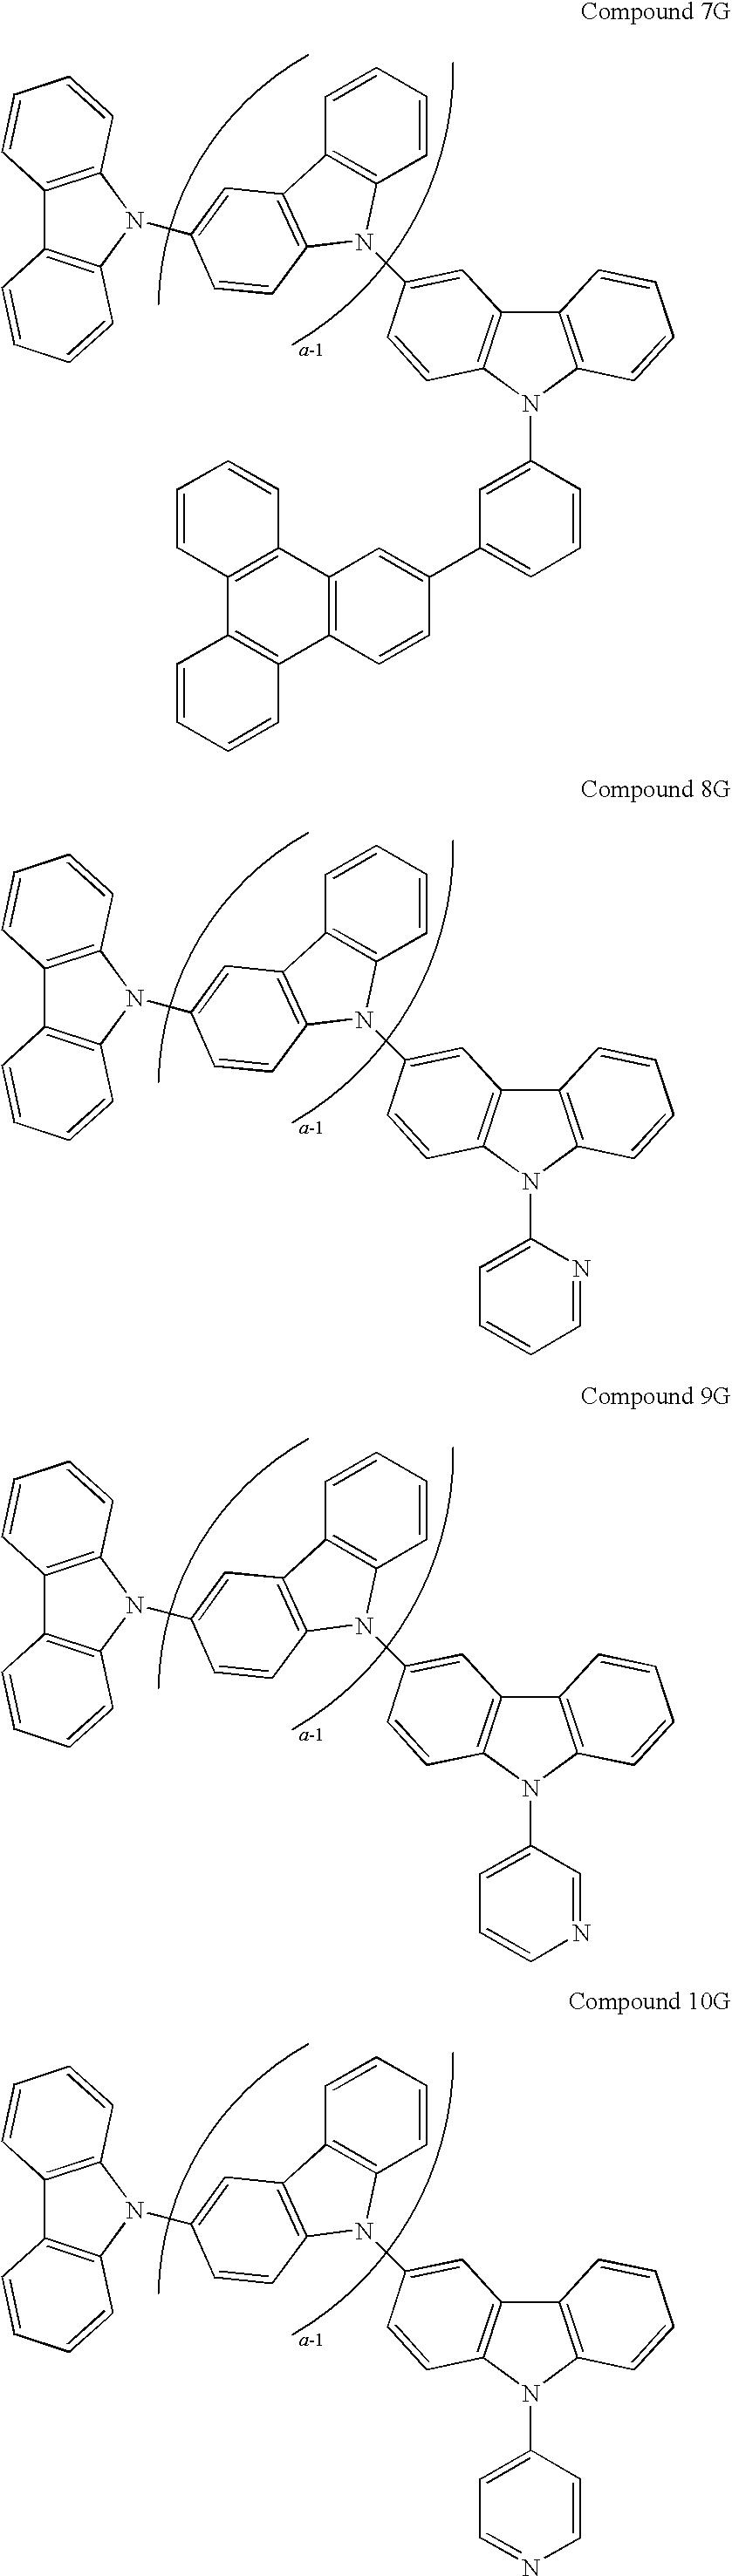 Figure US20090134784A1-20090528-C00202